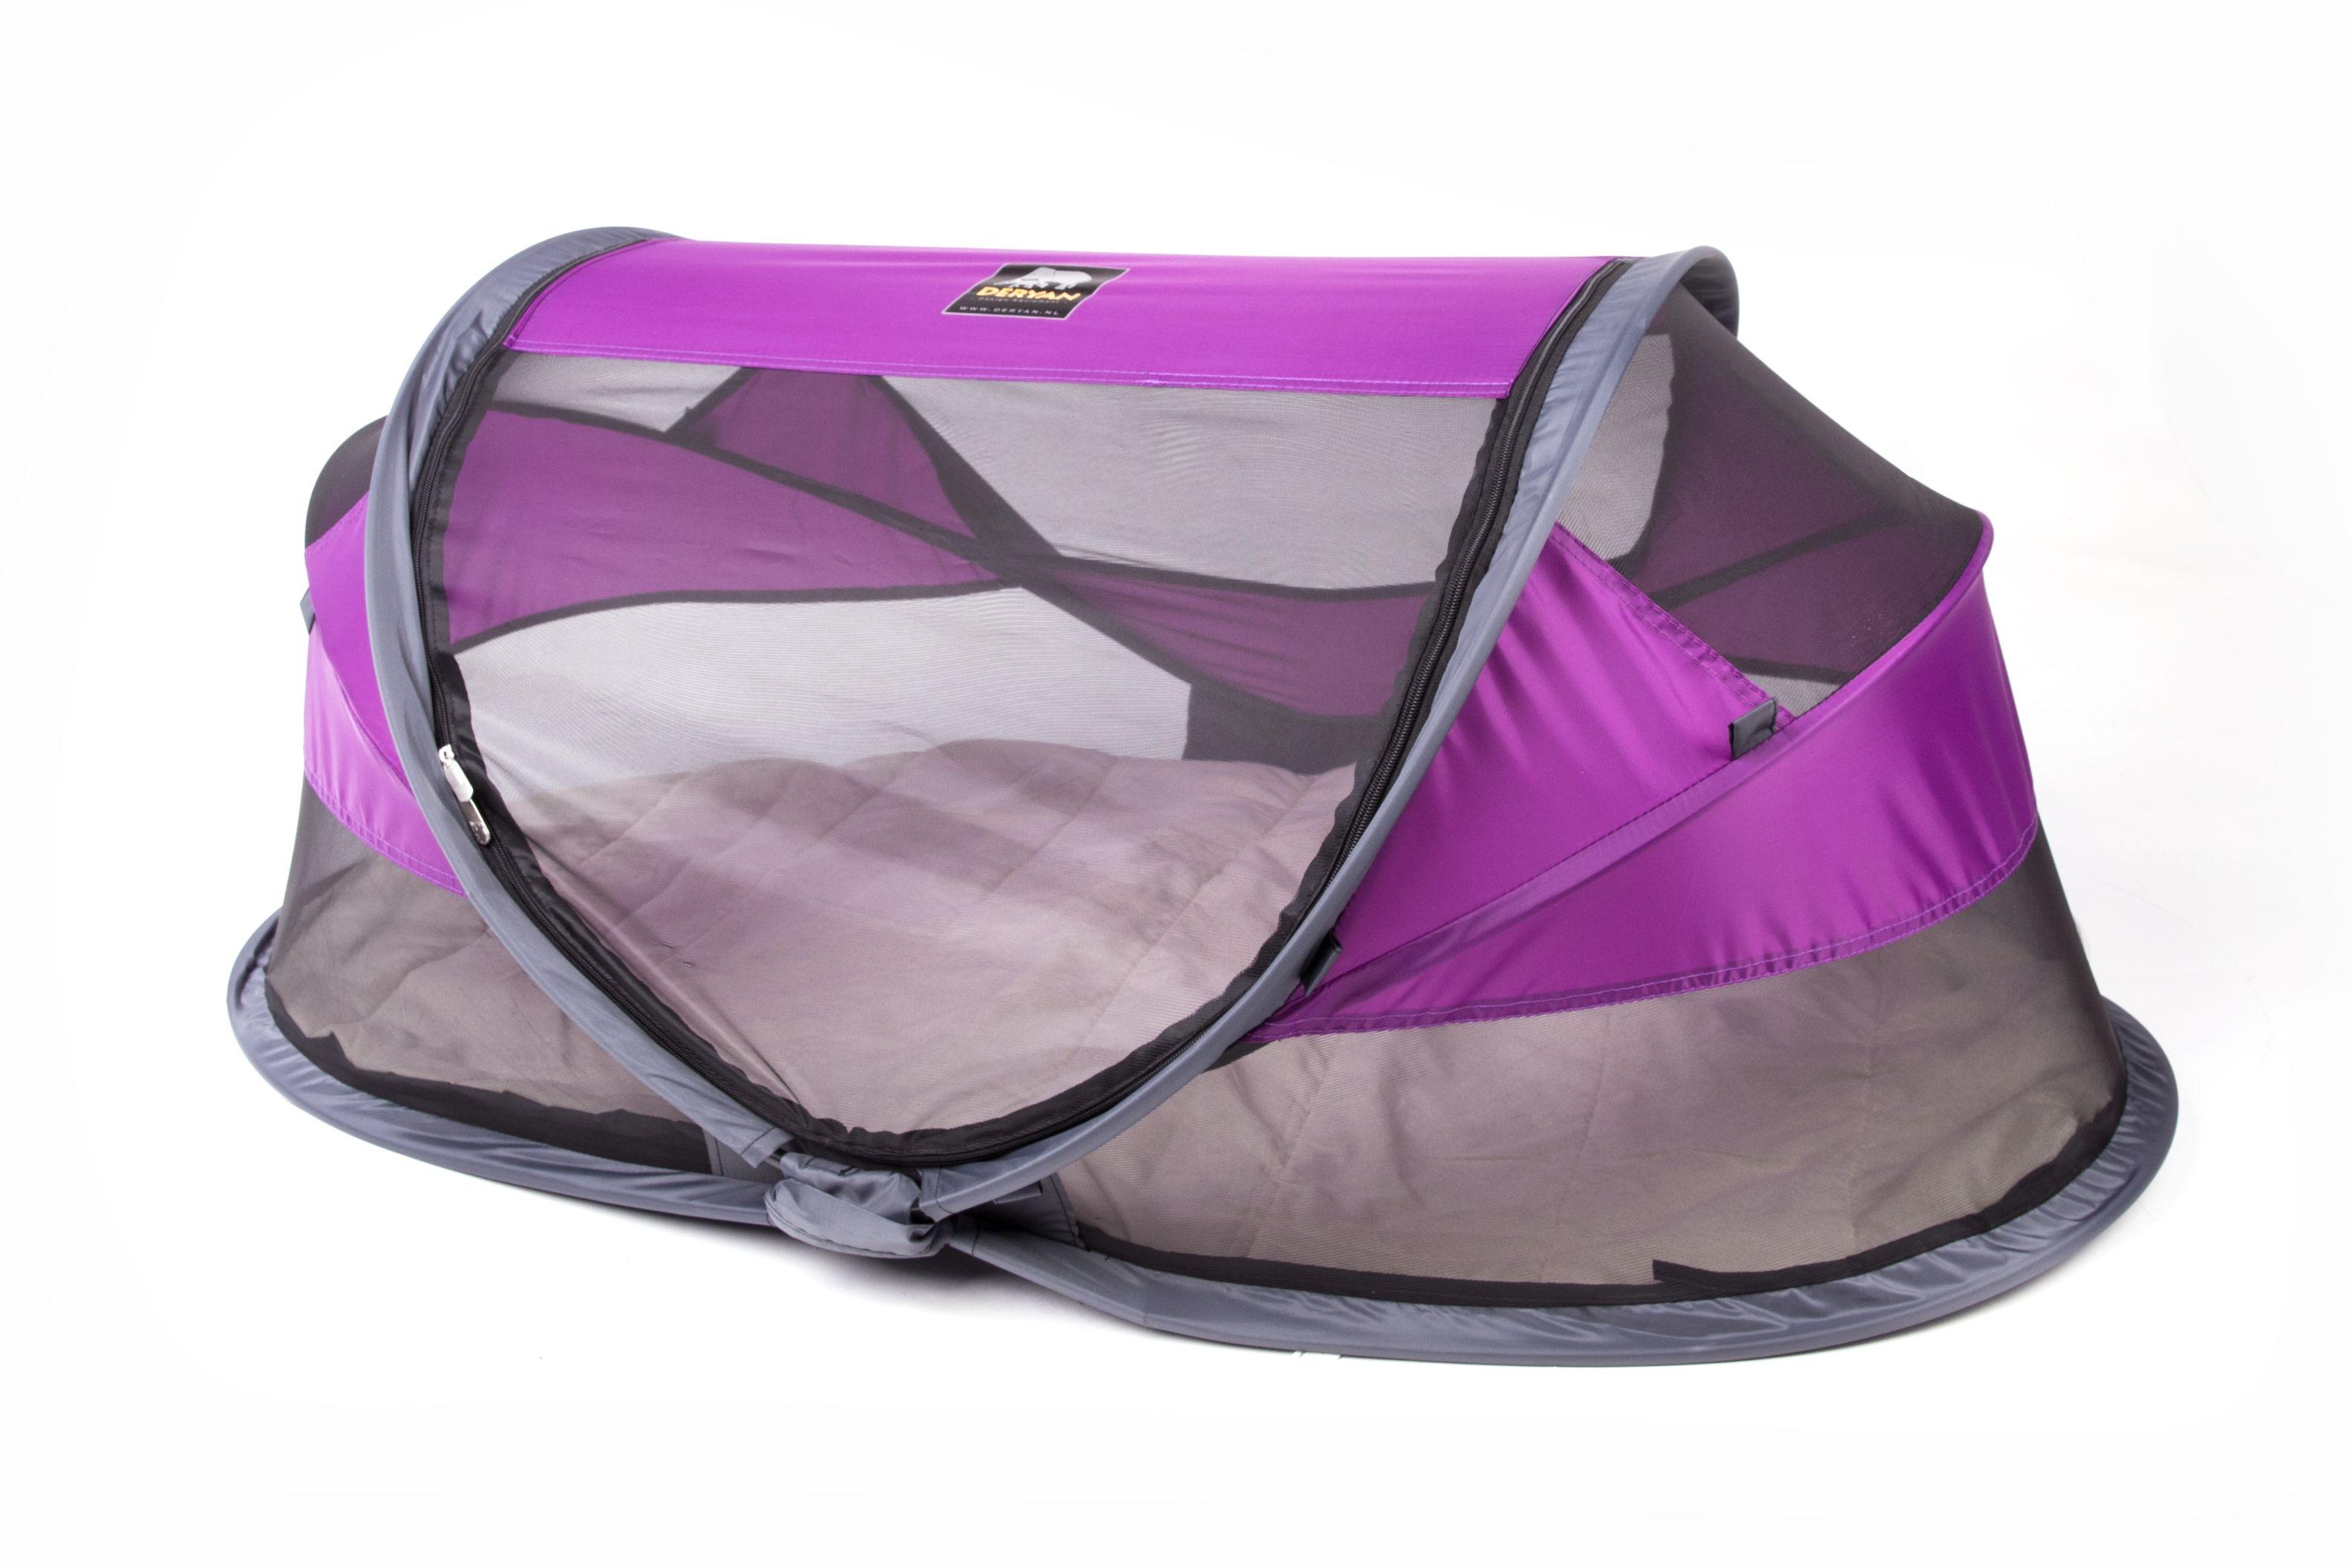 Deryan Rejseseng fra  deryan - travel cot baby luxe - purple på babygear.dk